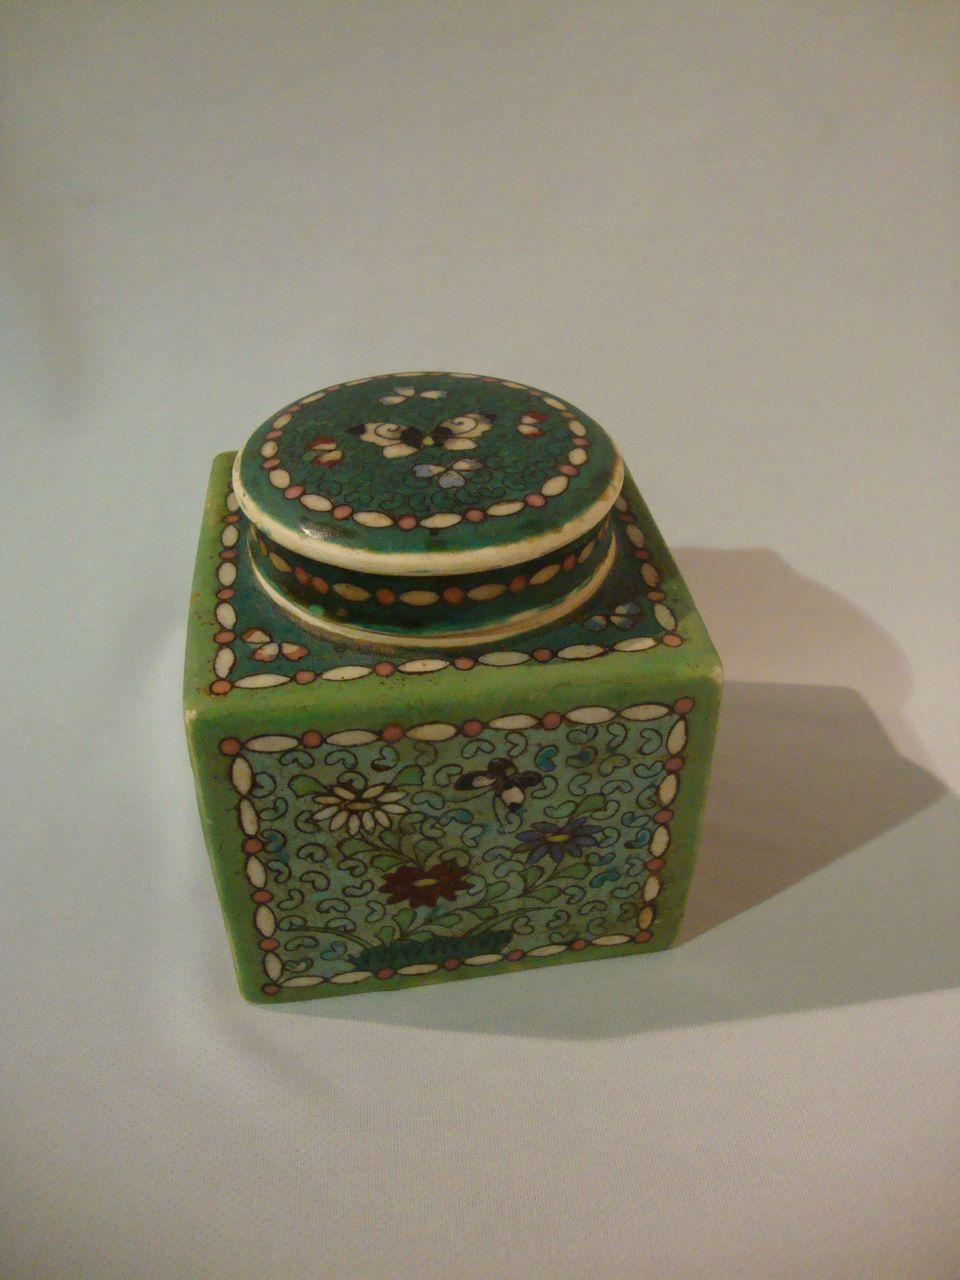 Totai Shippo Cloisonné Natsume – Tea Caddy